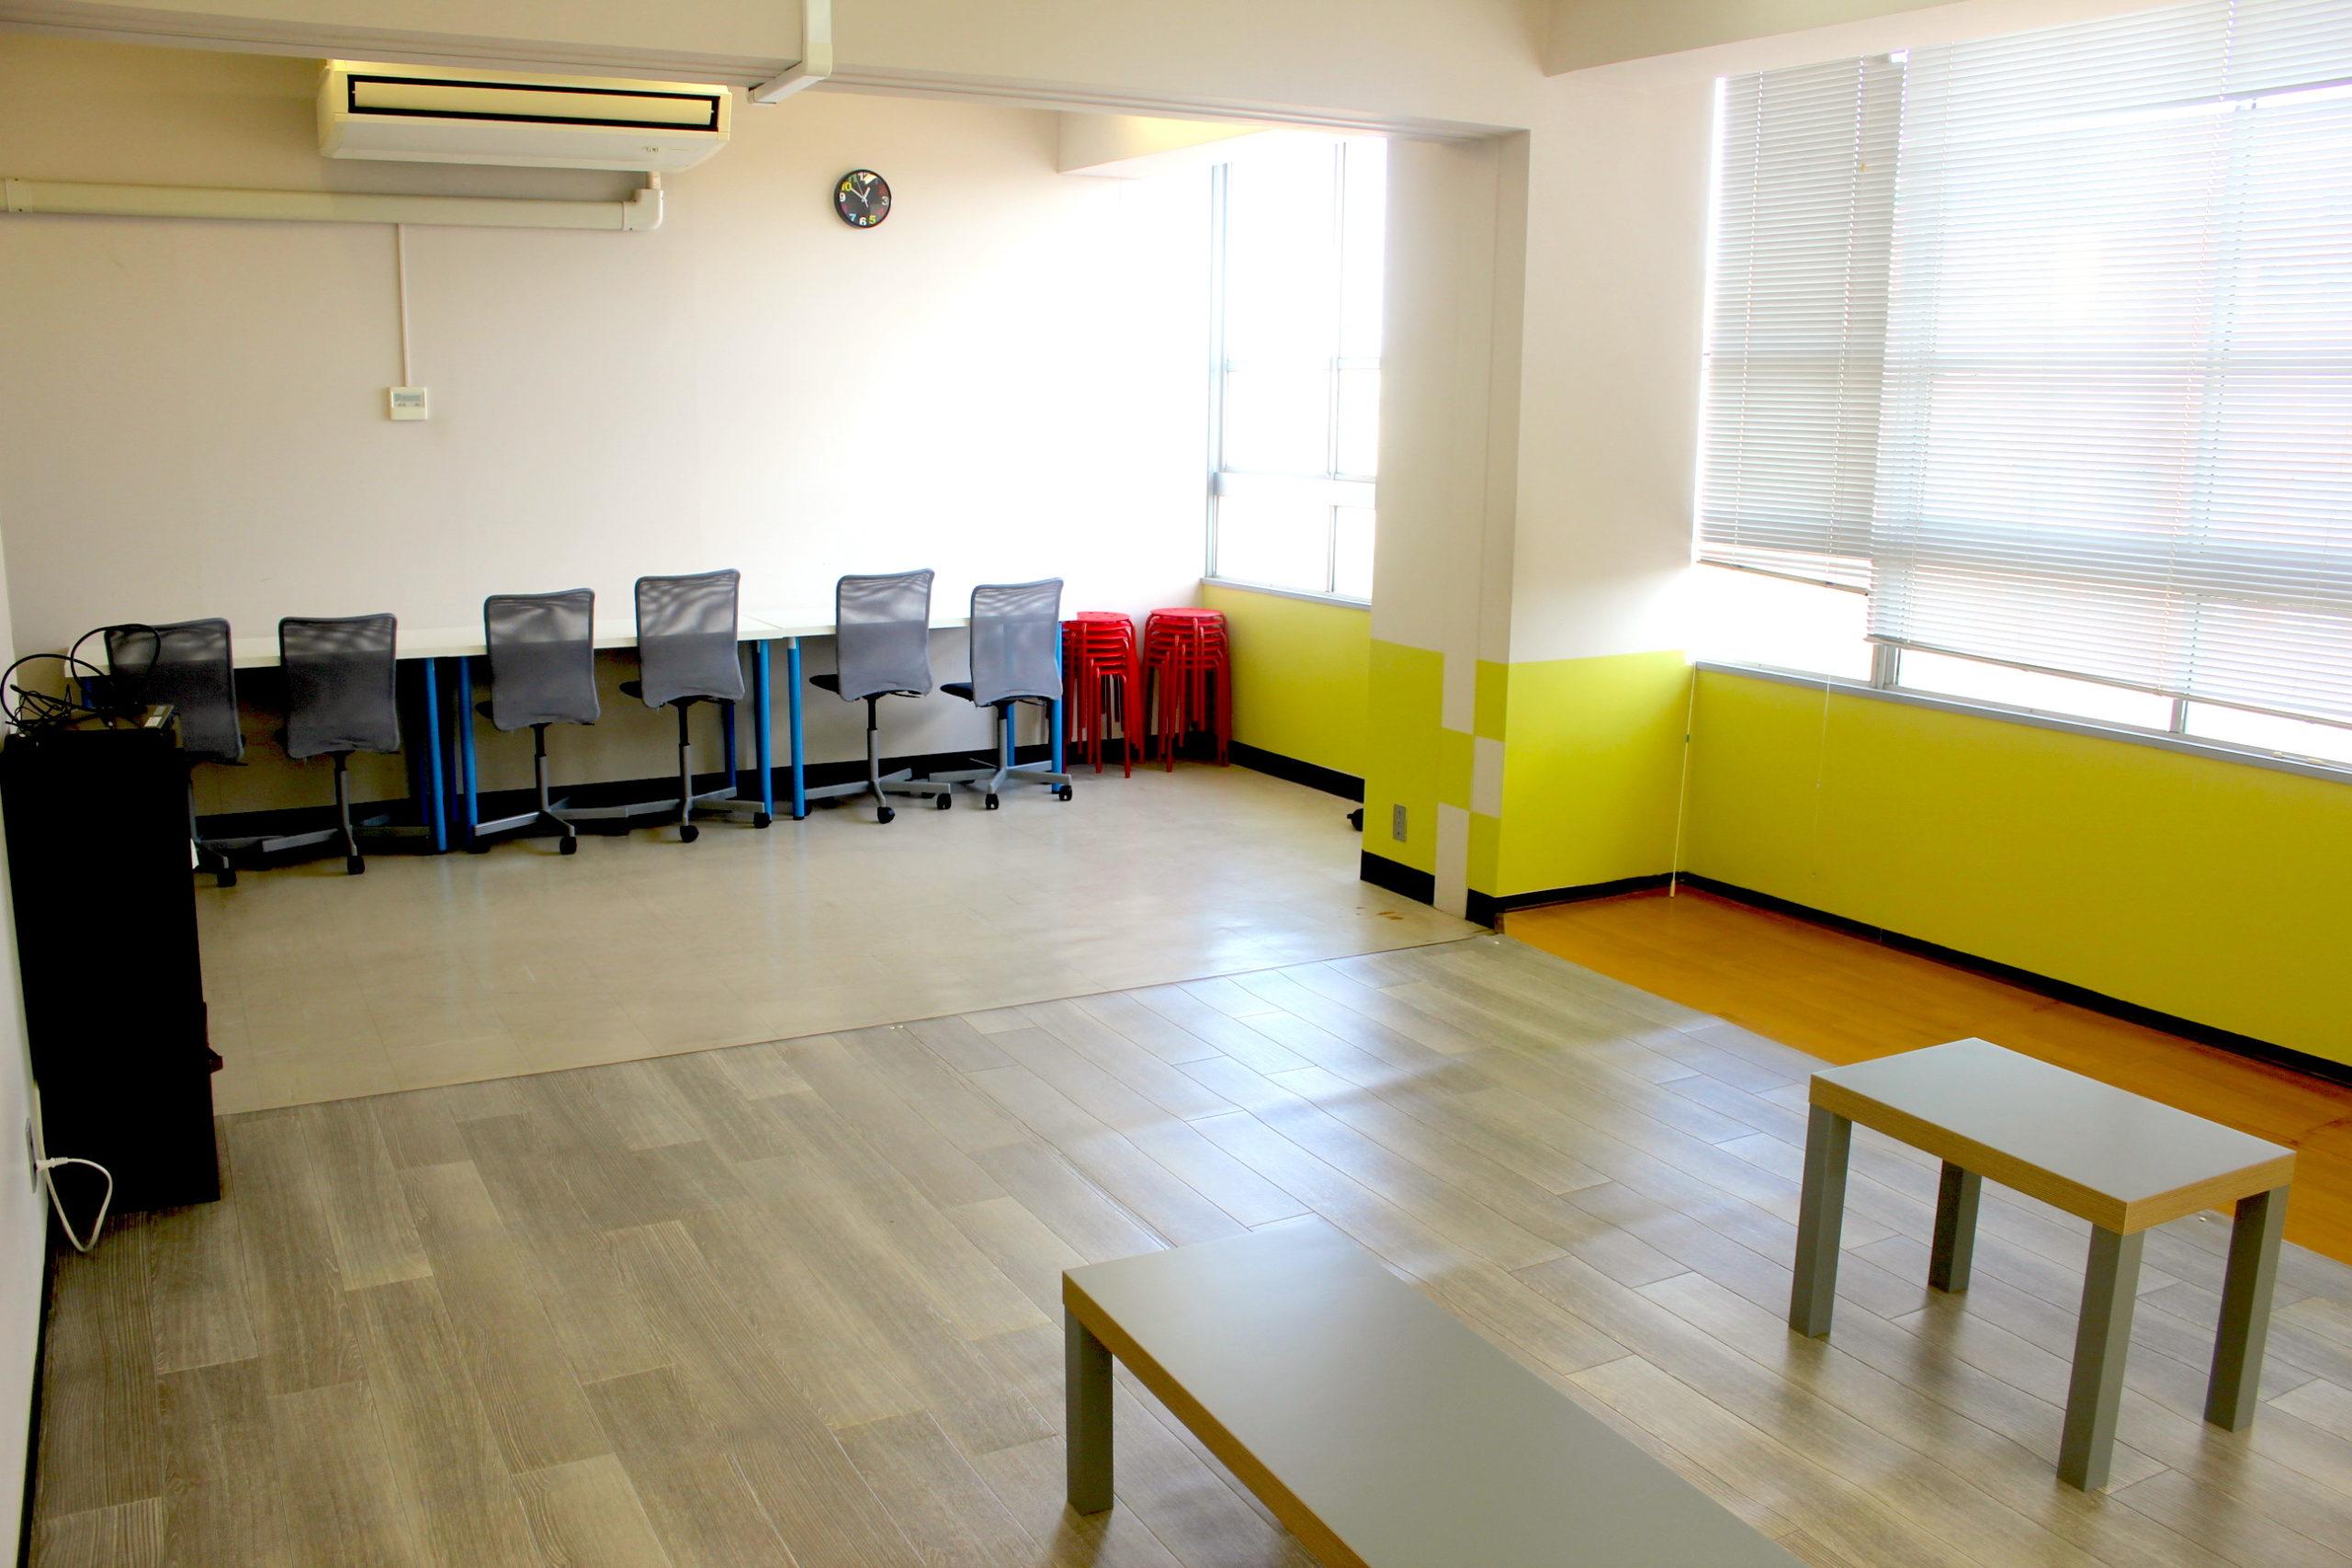 靴のままで利用できるテーブルと椅子が20席。10畳の小あがりがあるので利用用途は様々です。